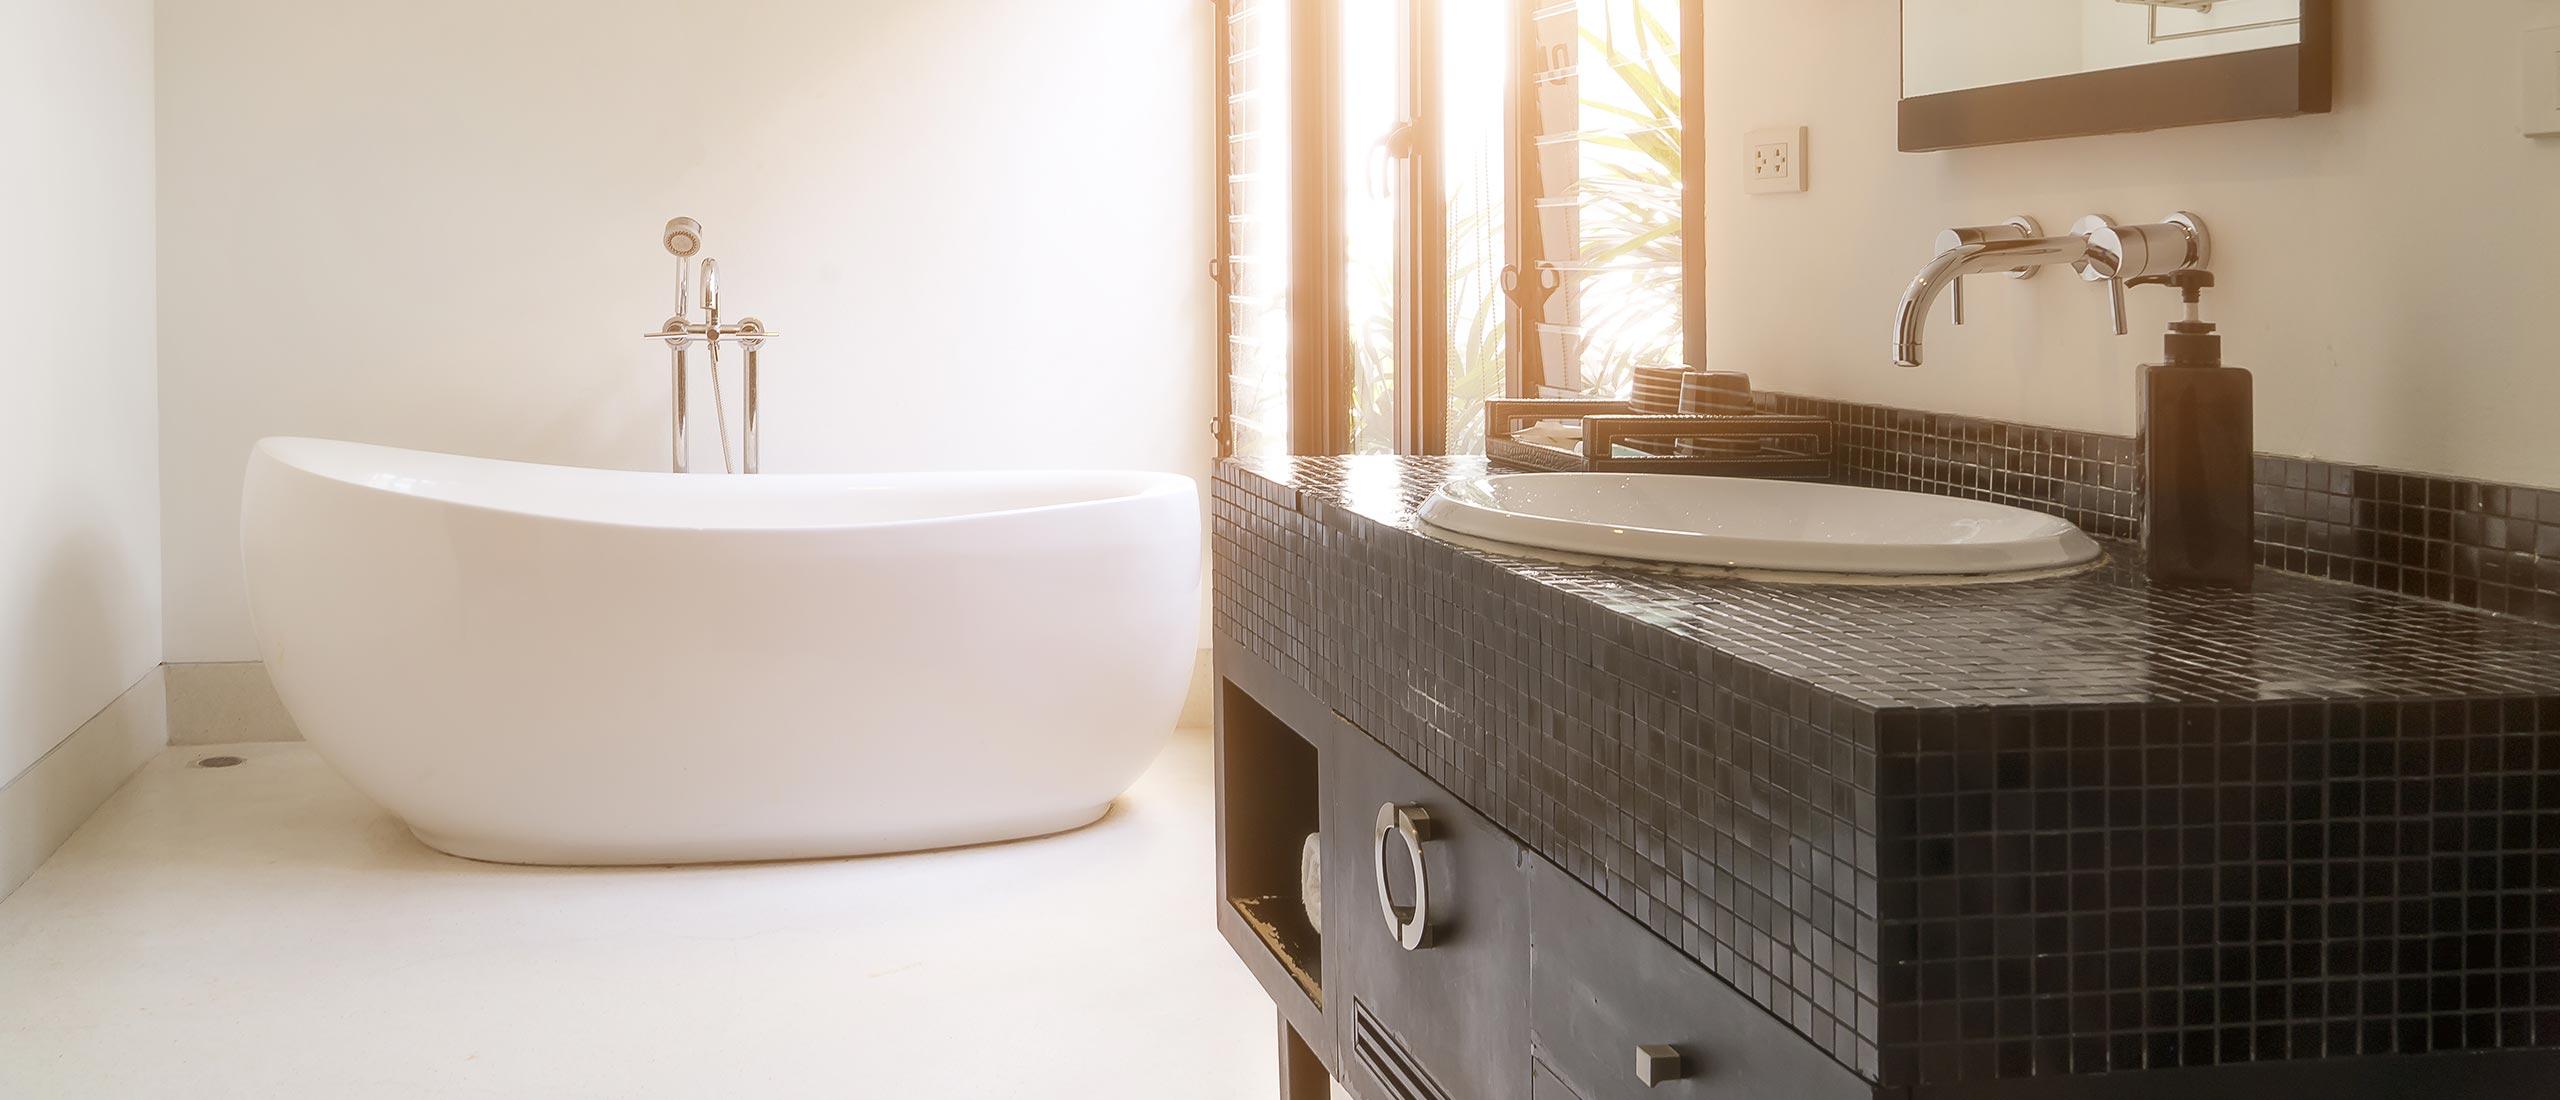 Badkamer verbouwen door de installateur uit Dalen (Coevorden)